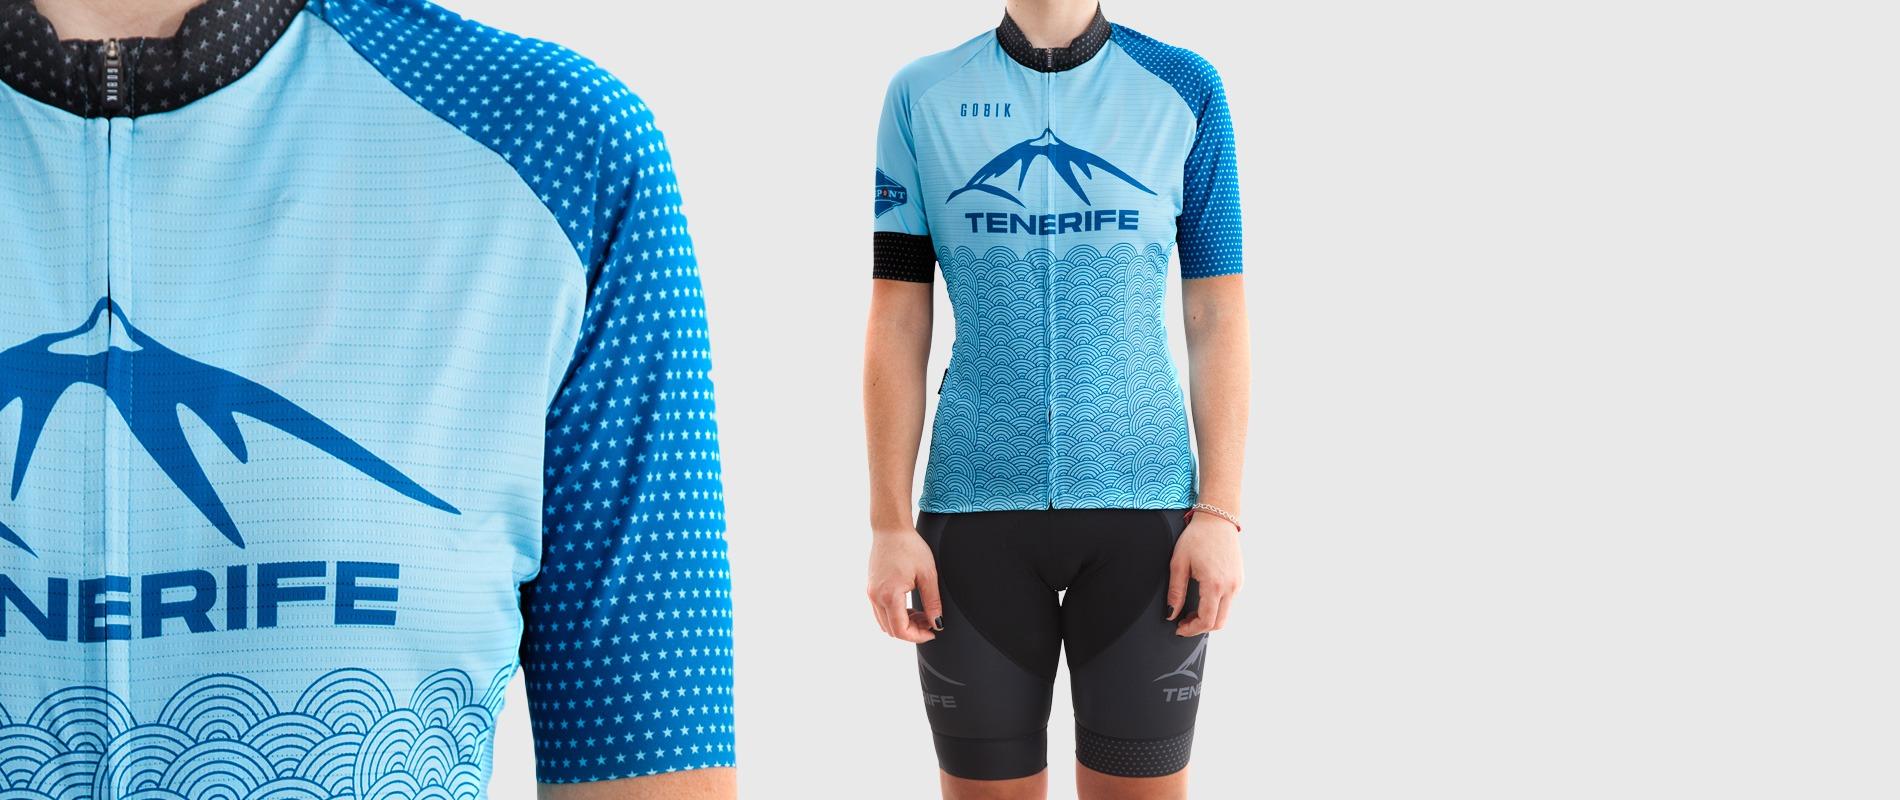 Gobik Blue Jersey Splash Bike Point Tenerife Bike Hire & Bike Rental